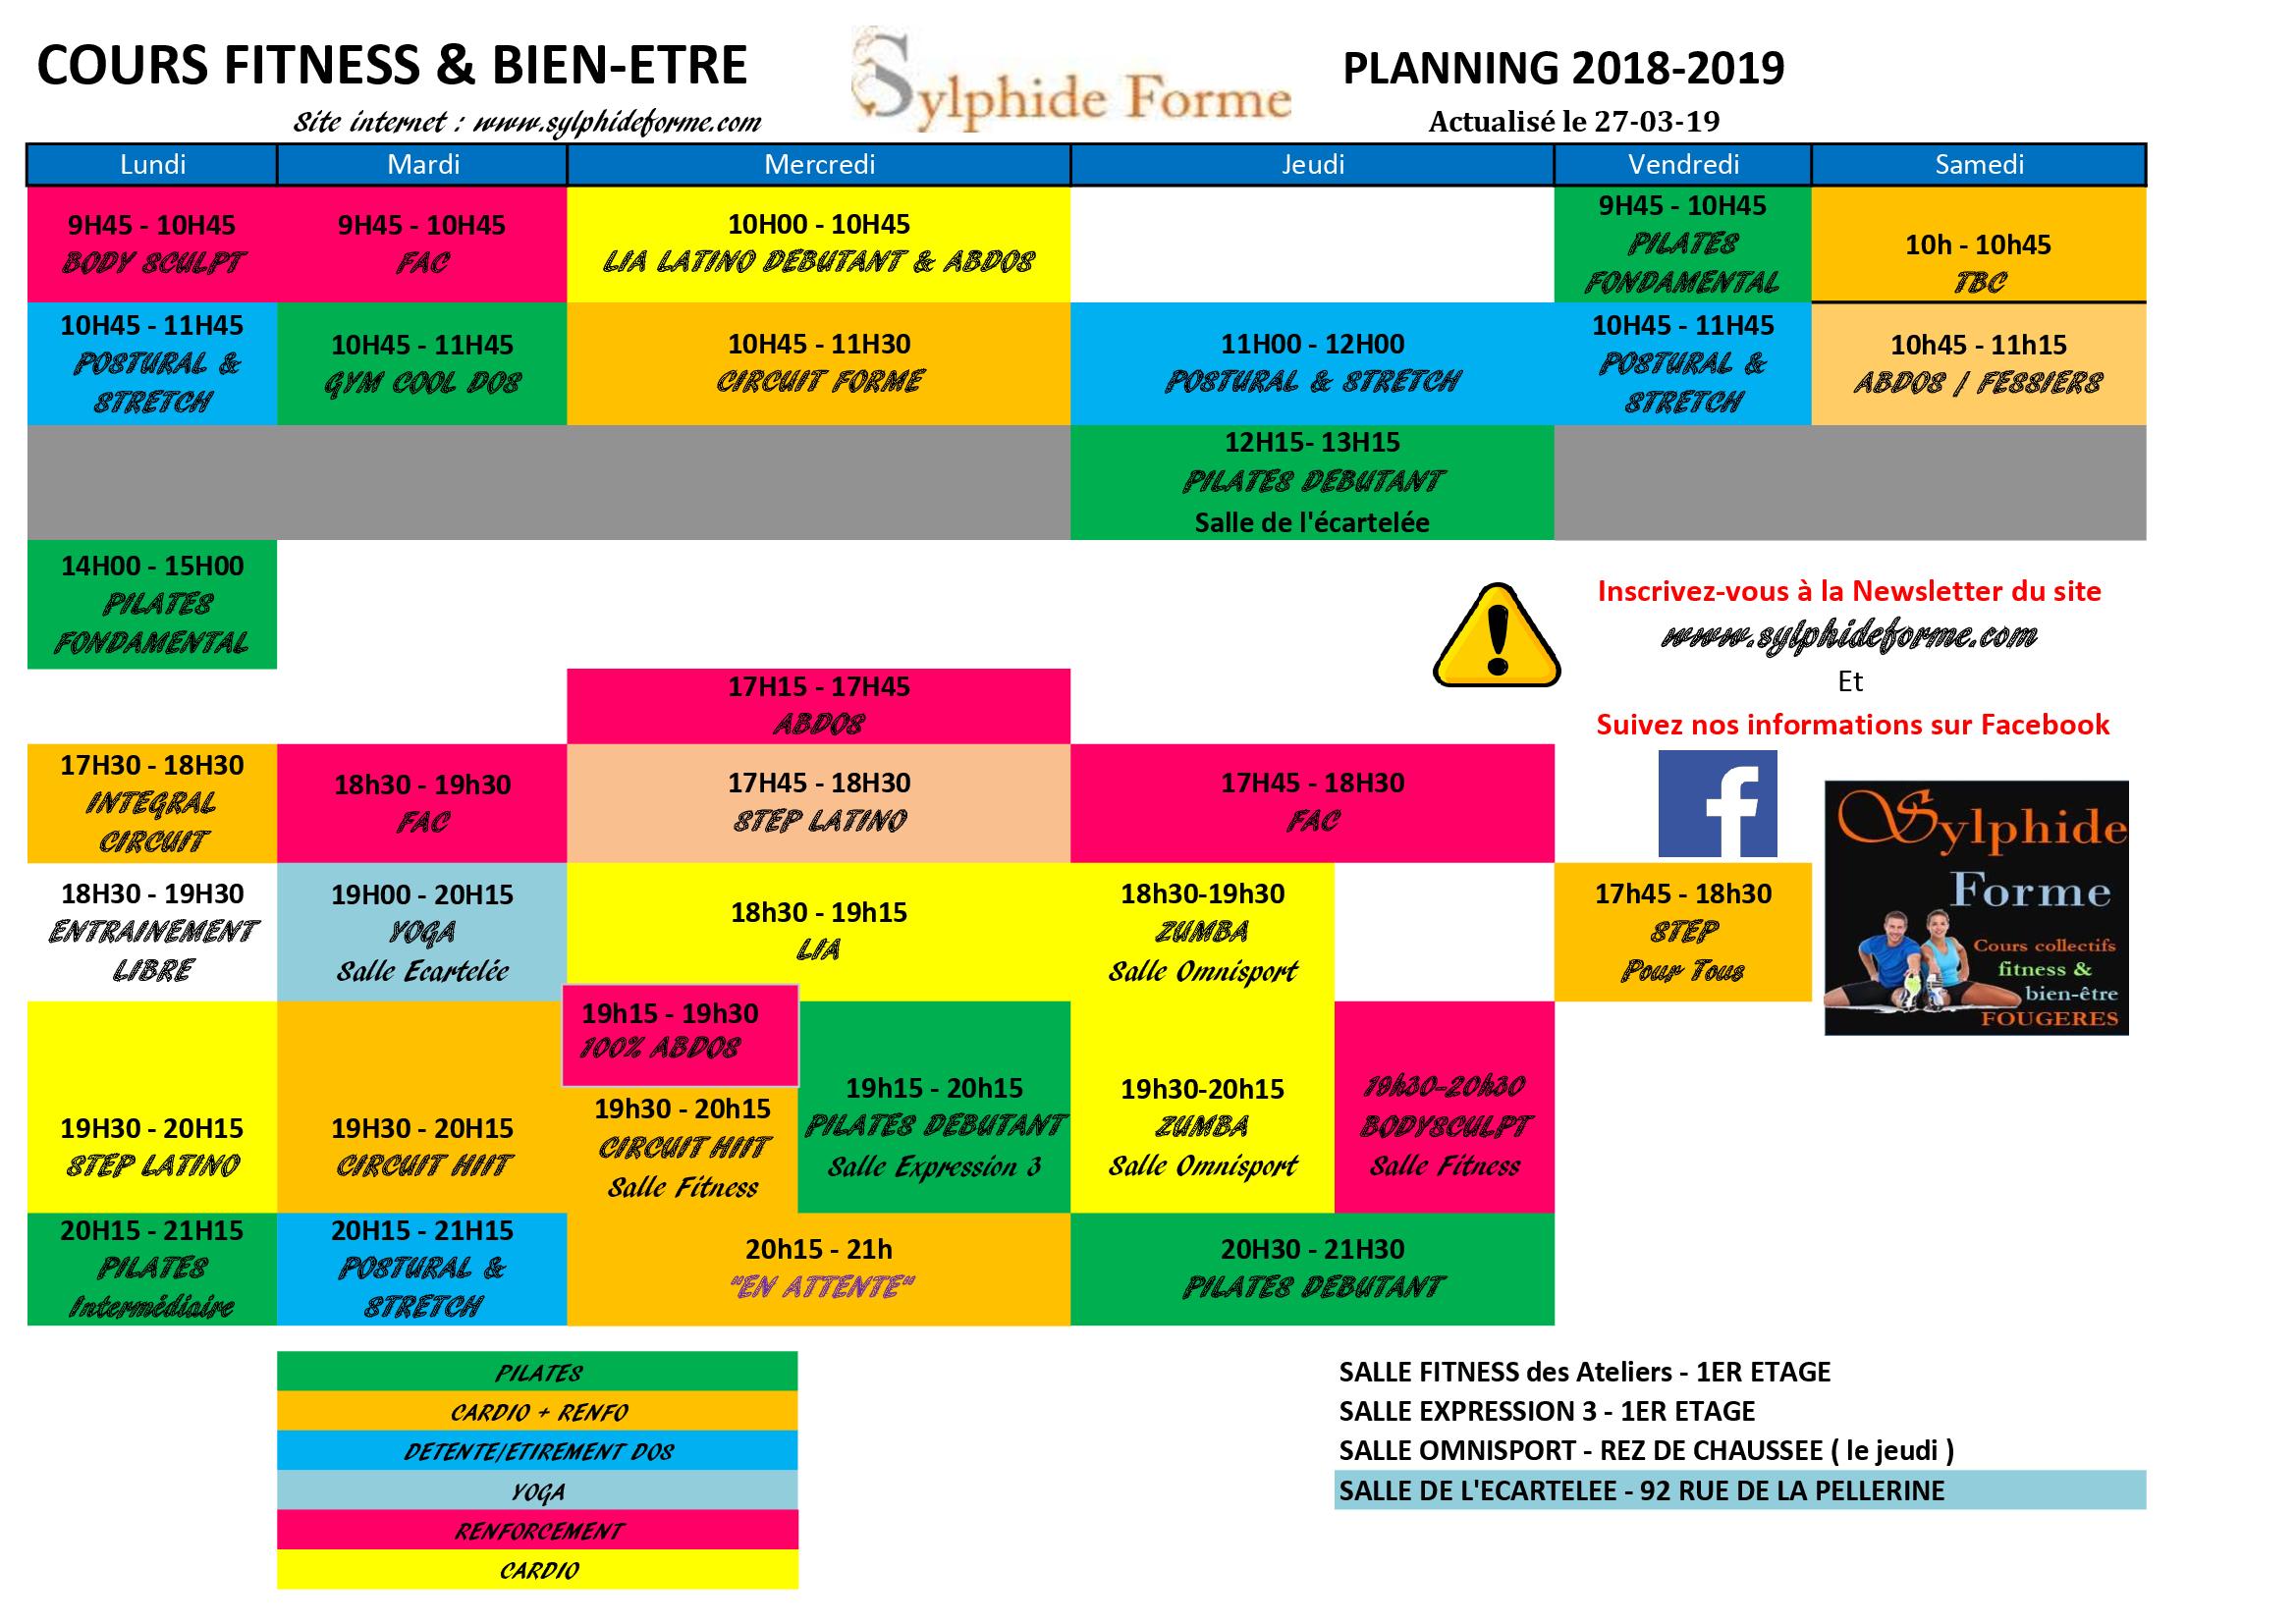 PLANNING-Actualisé-le-27-03-19